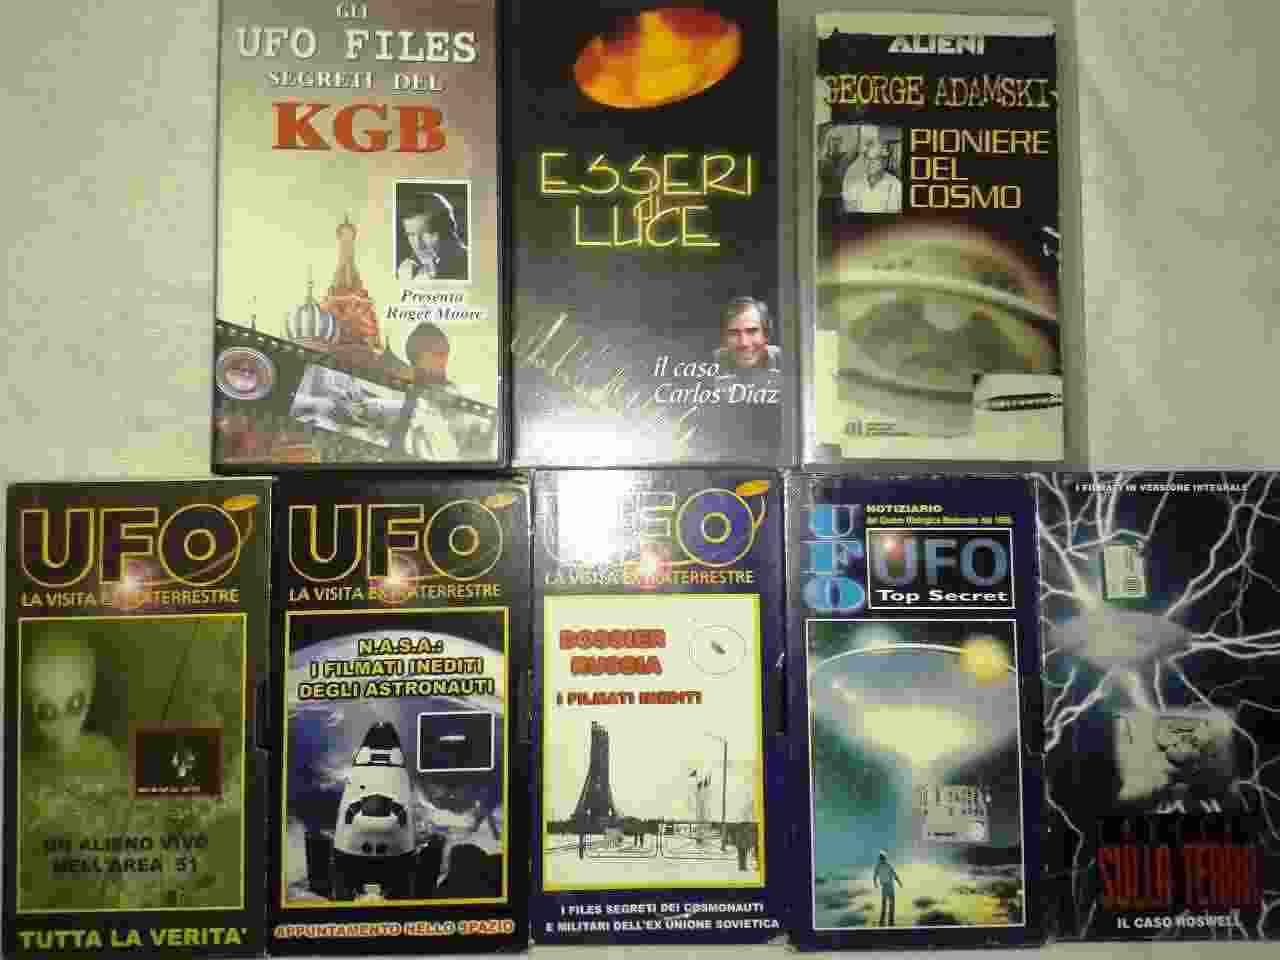 UFO & ALIENI, 27 Vhs in condizioni perfette, Hobby&ampWork. Lista 2